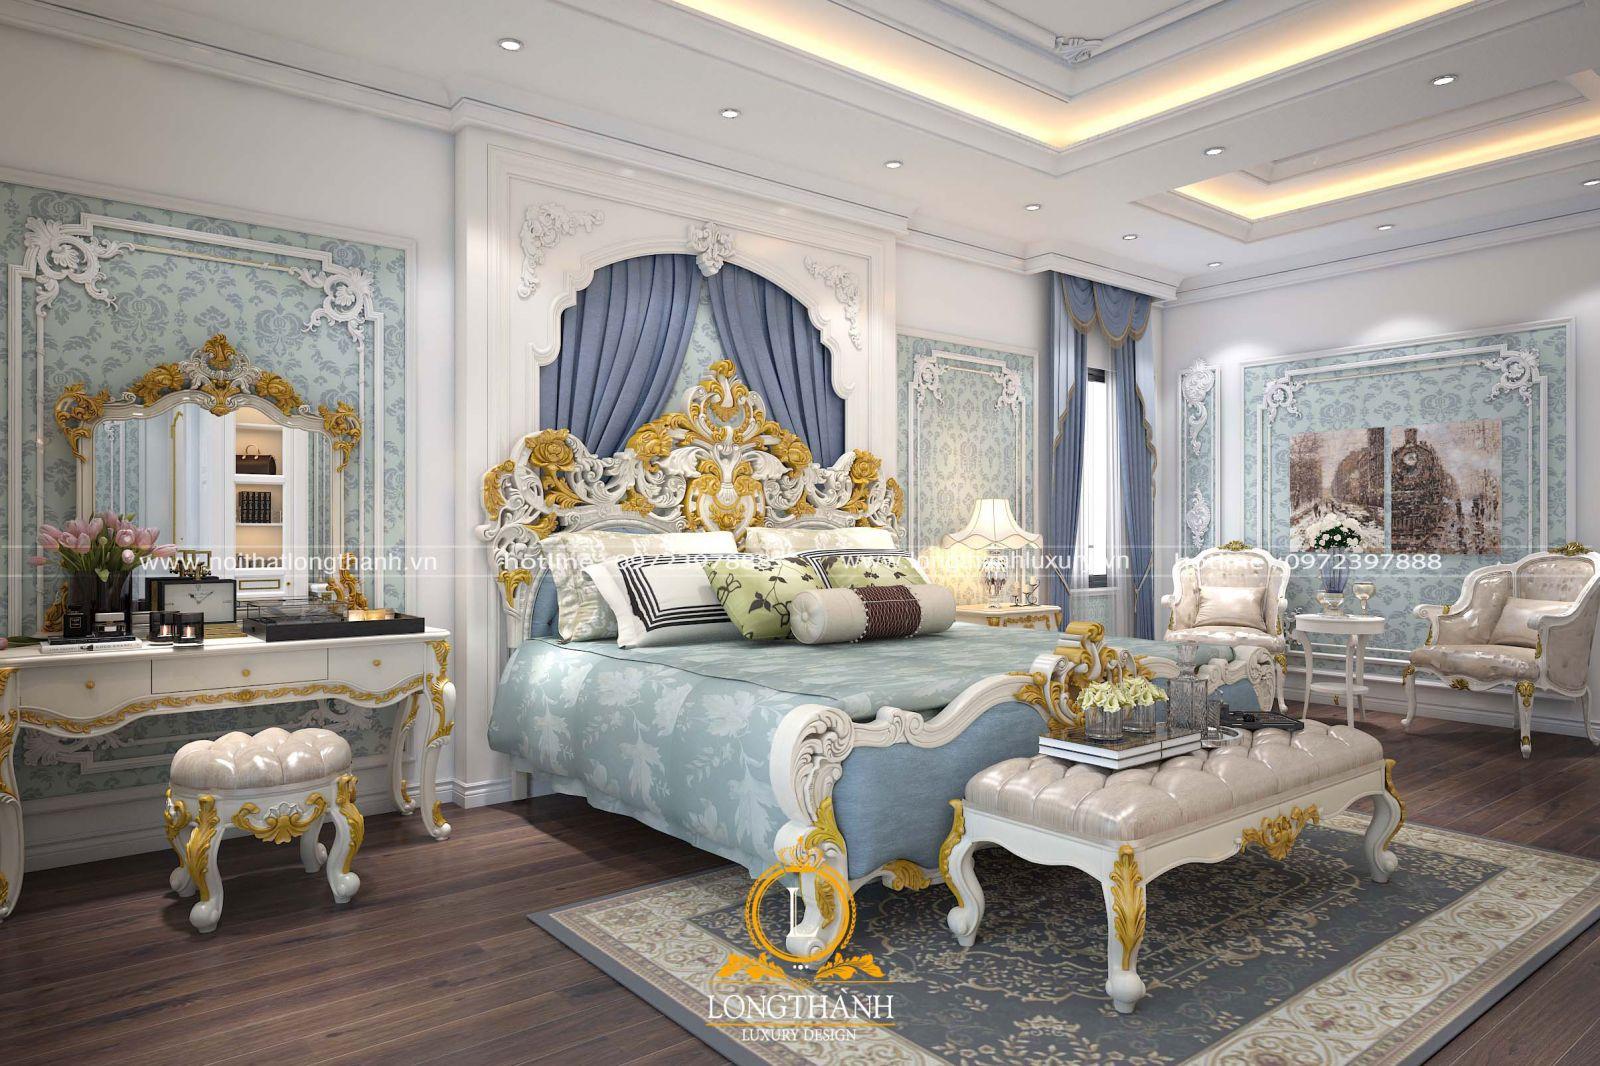 Nội thất phòng ngủ cổ điển xanh dương